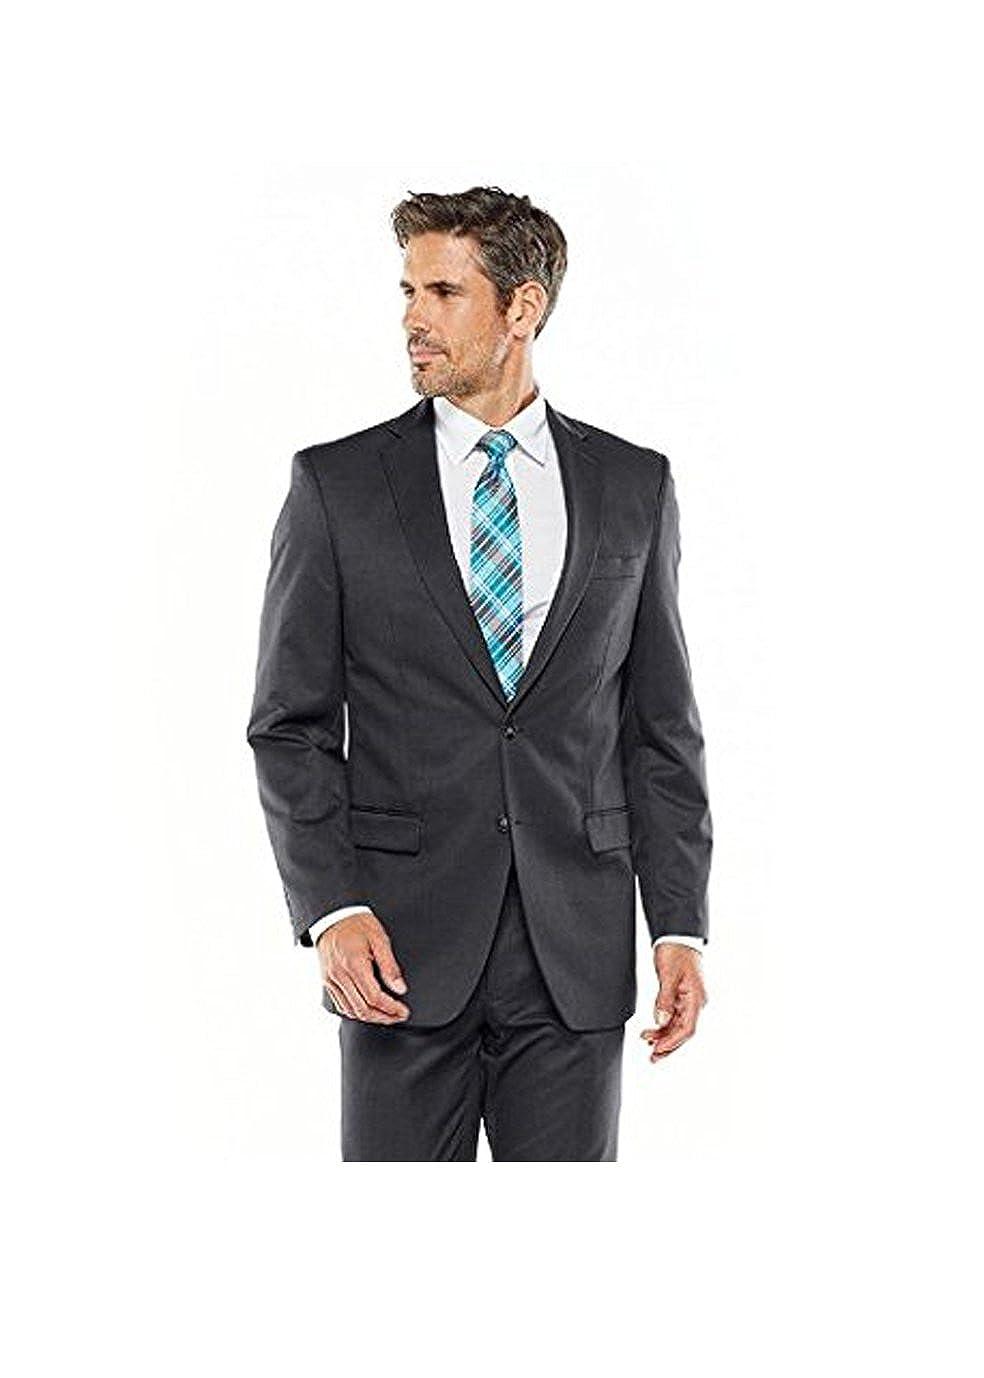 a67dab791c3 Van Heusen Mens Suit Separates Classic-Fit Patterned Suit Jacket ...